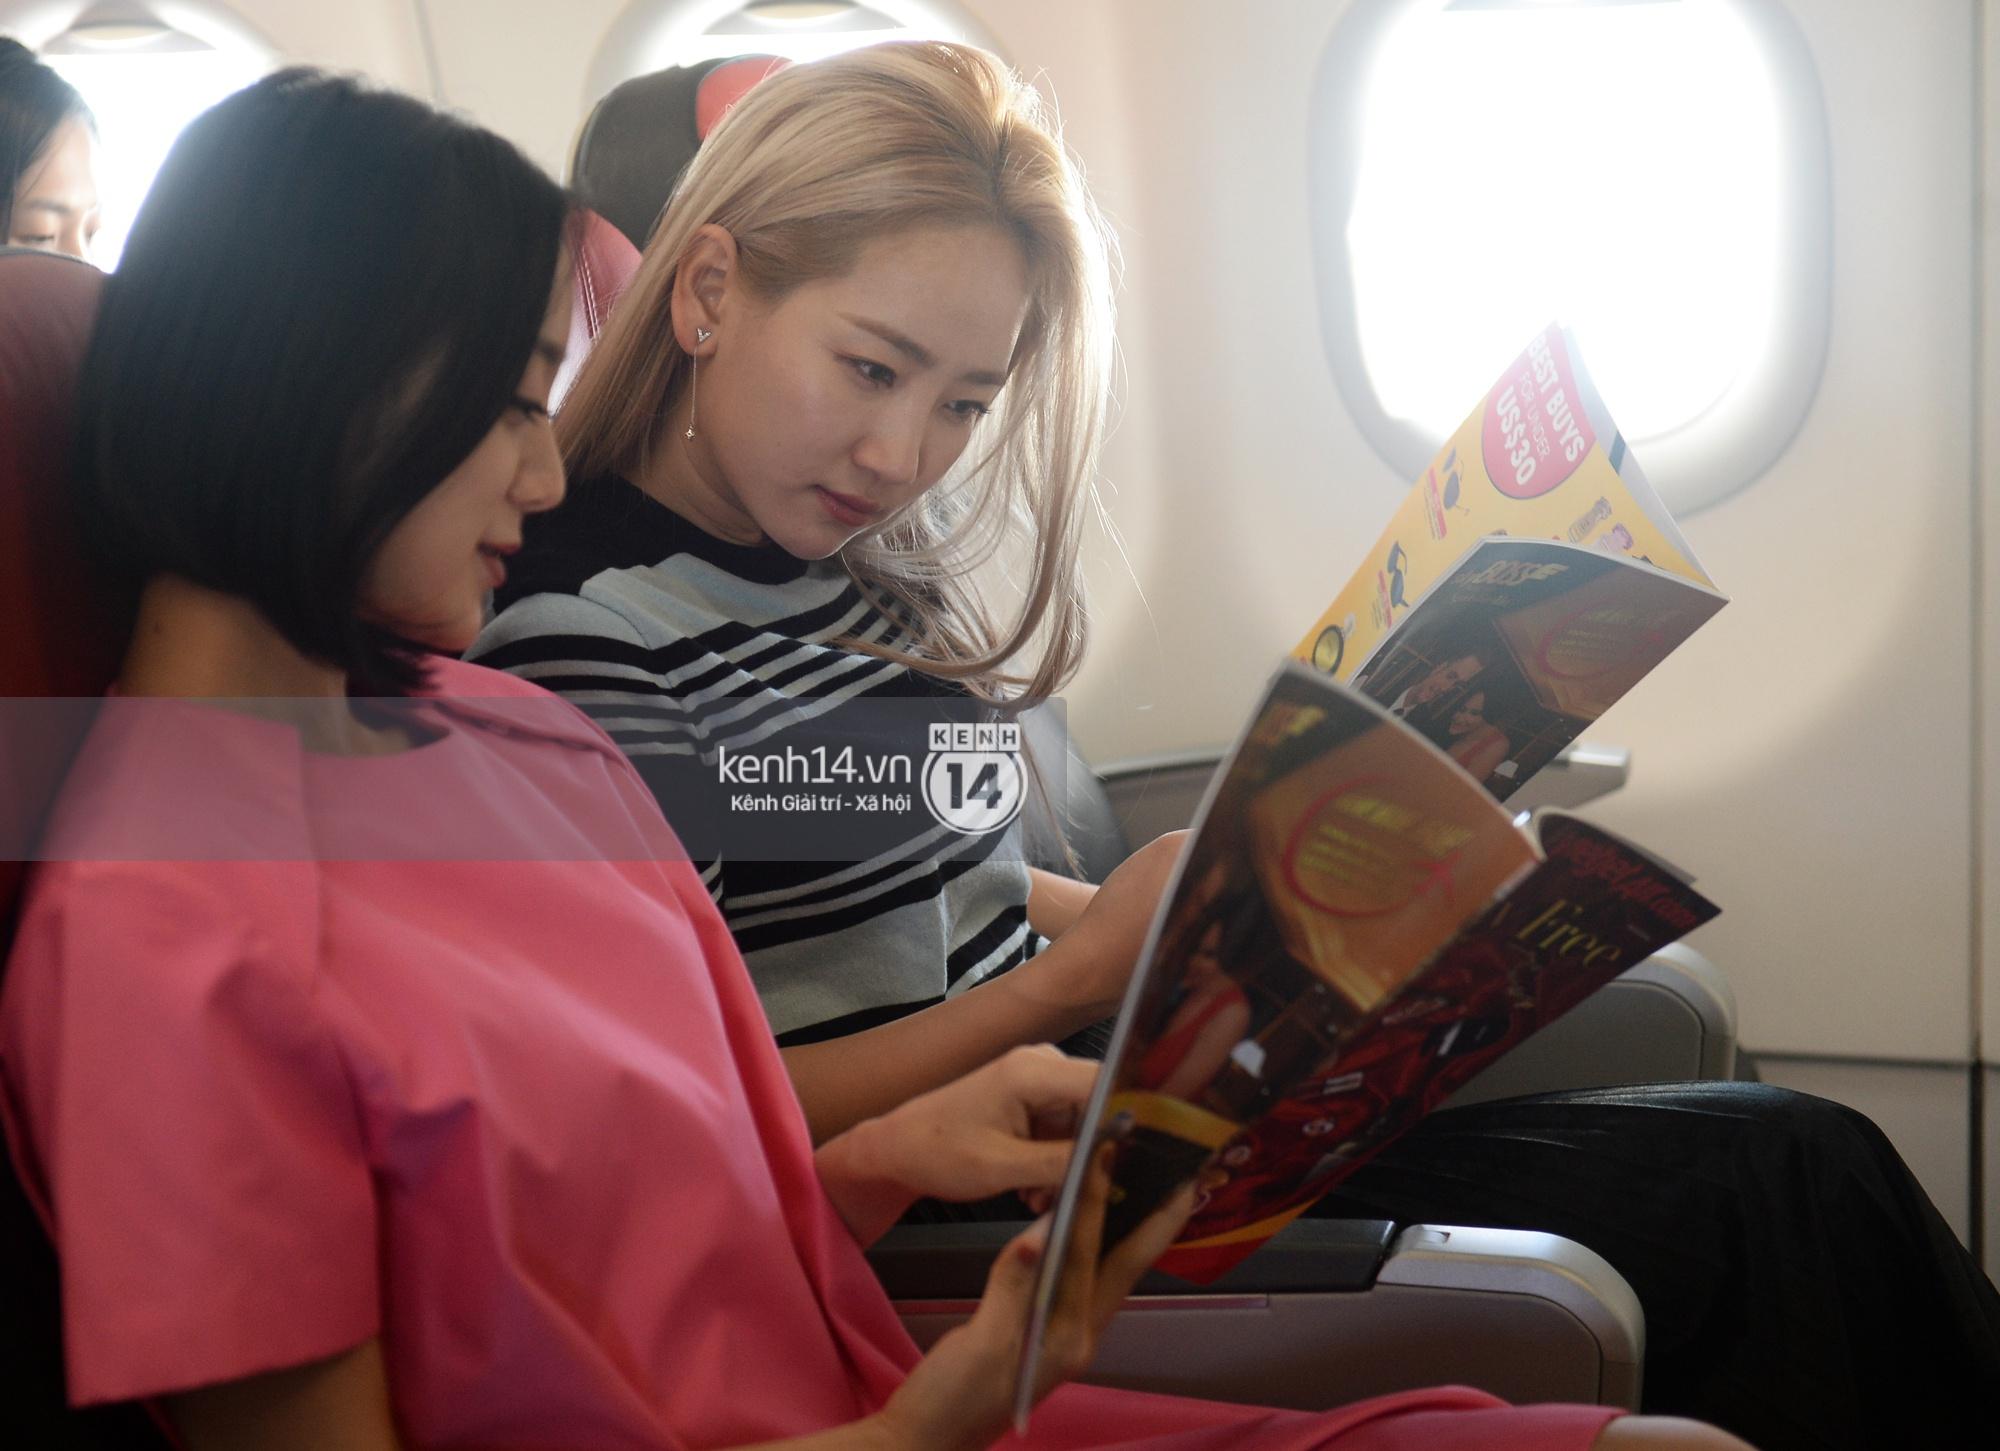 Wonder Girls bay từ Hàn Quốc sang Hà Nội rồi mới vào TP.HCM - Ảnh 1.